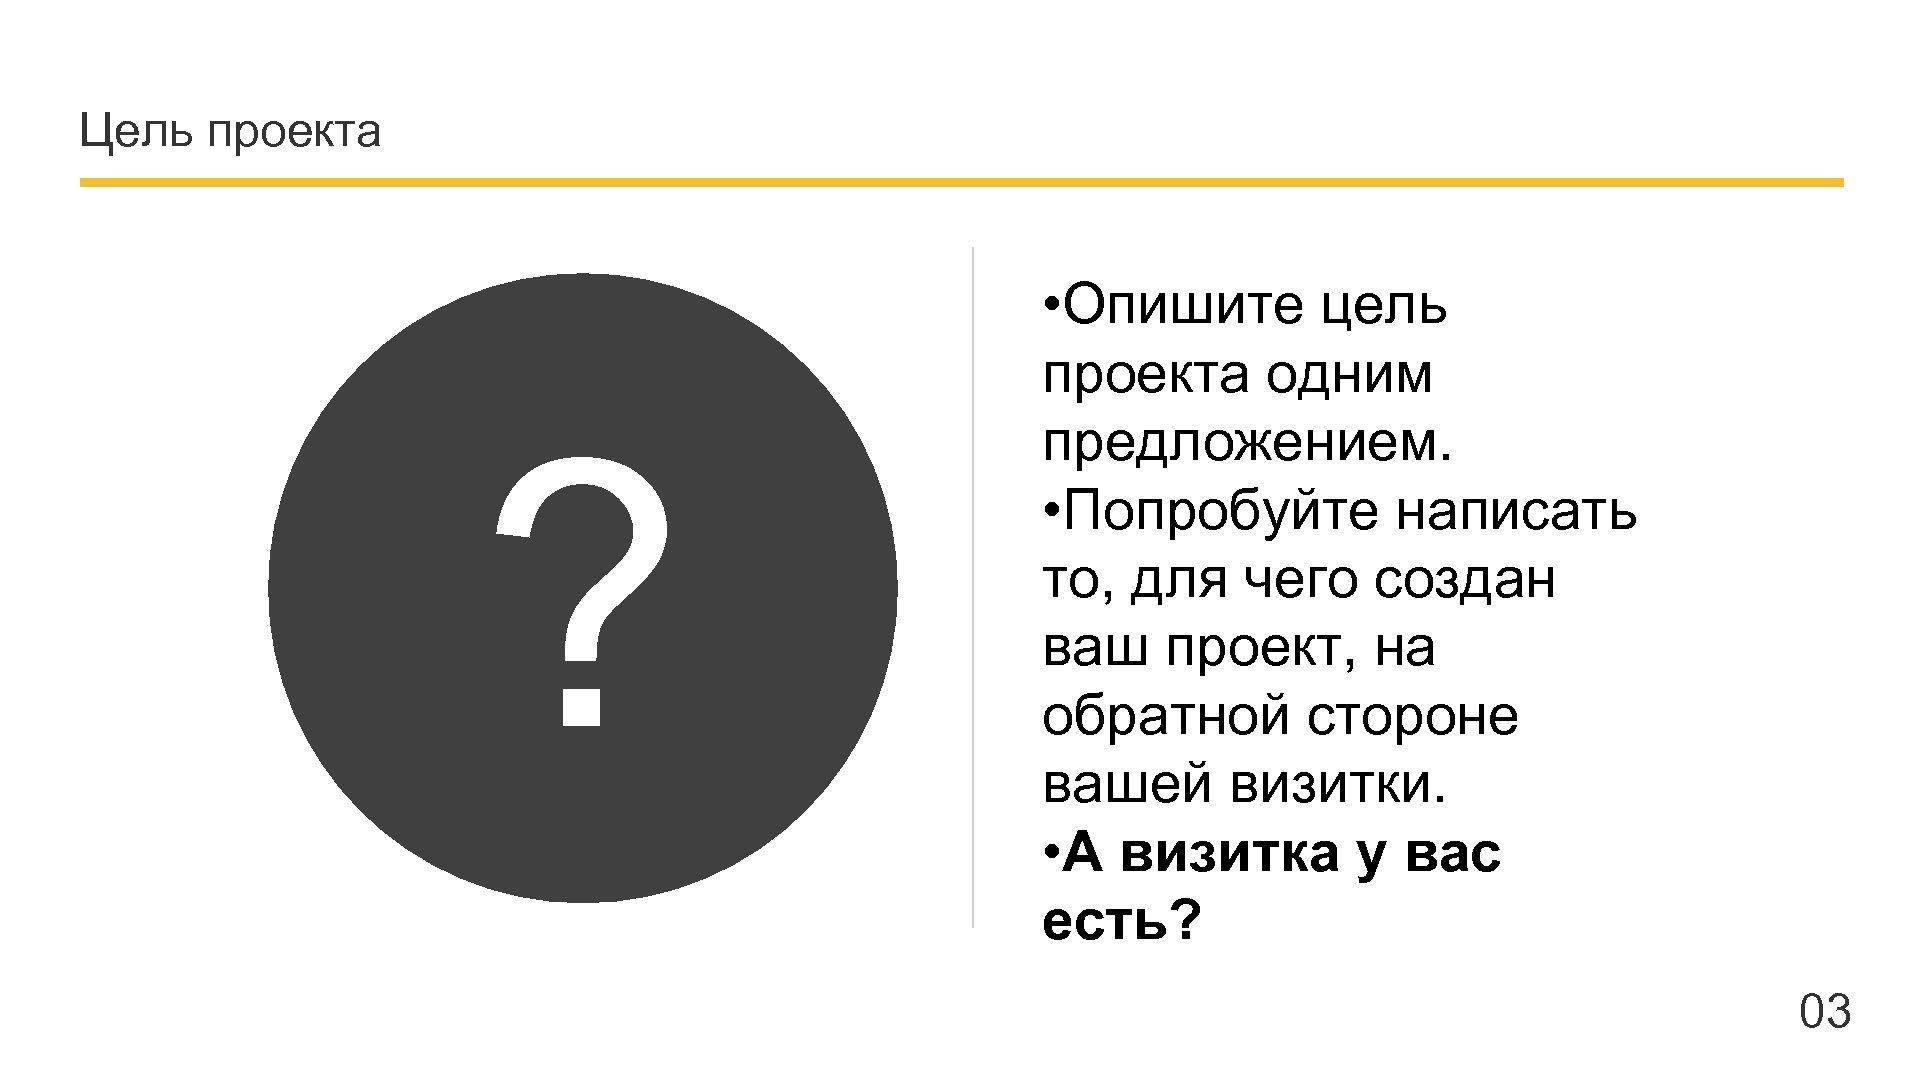 Цель проекта ? Company name - Presentation • Опишите цель проекта одним предложением. •